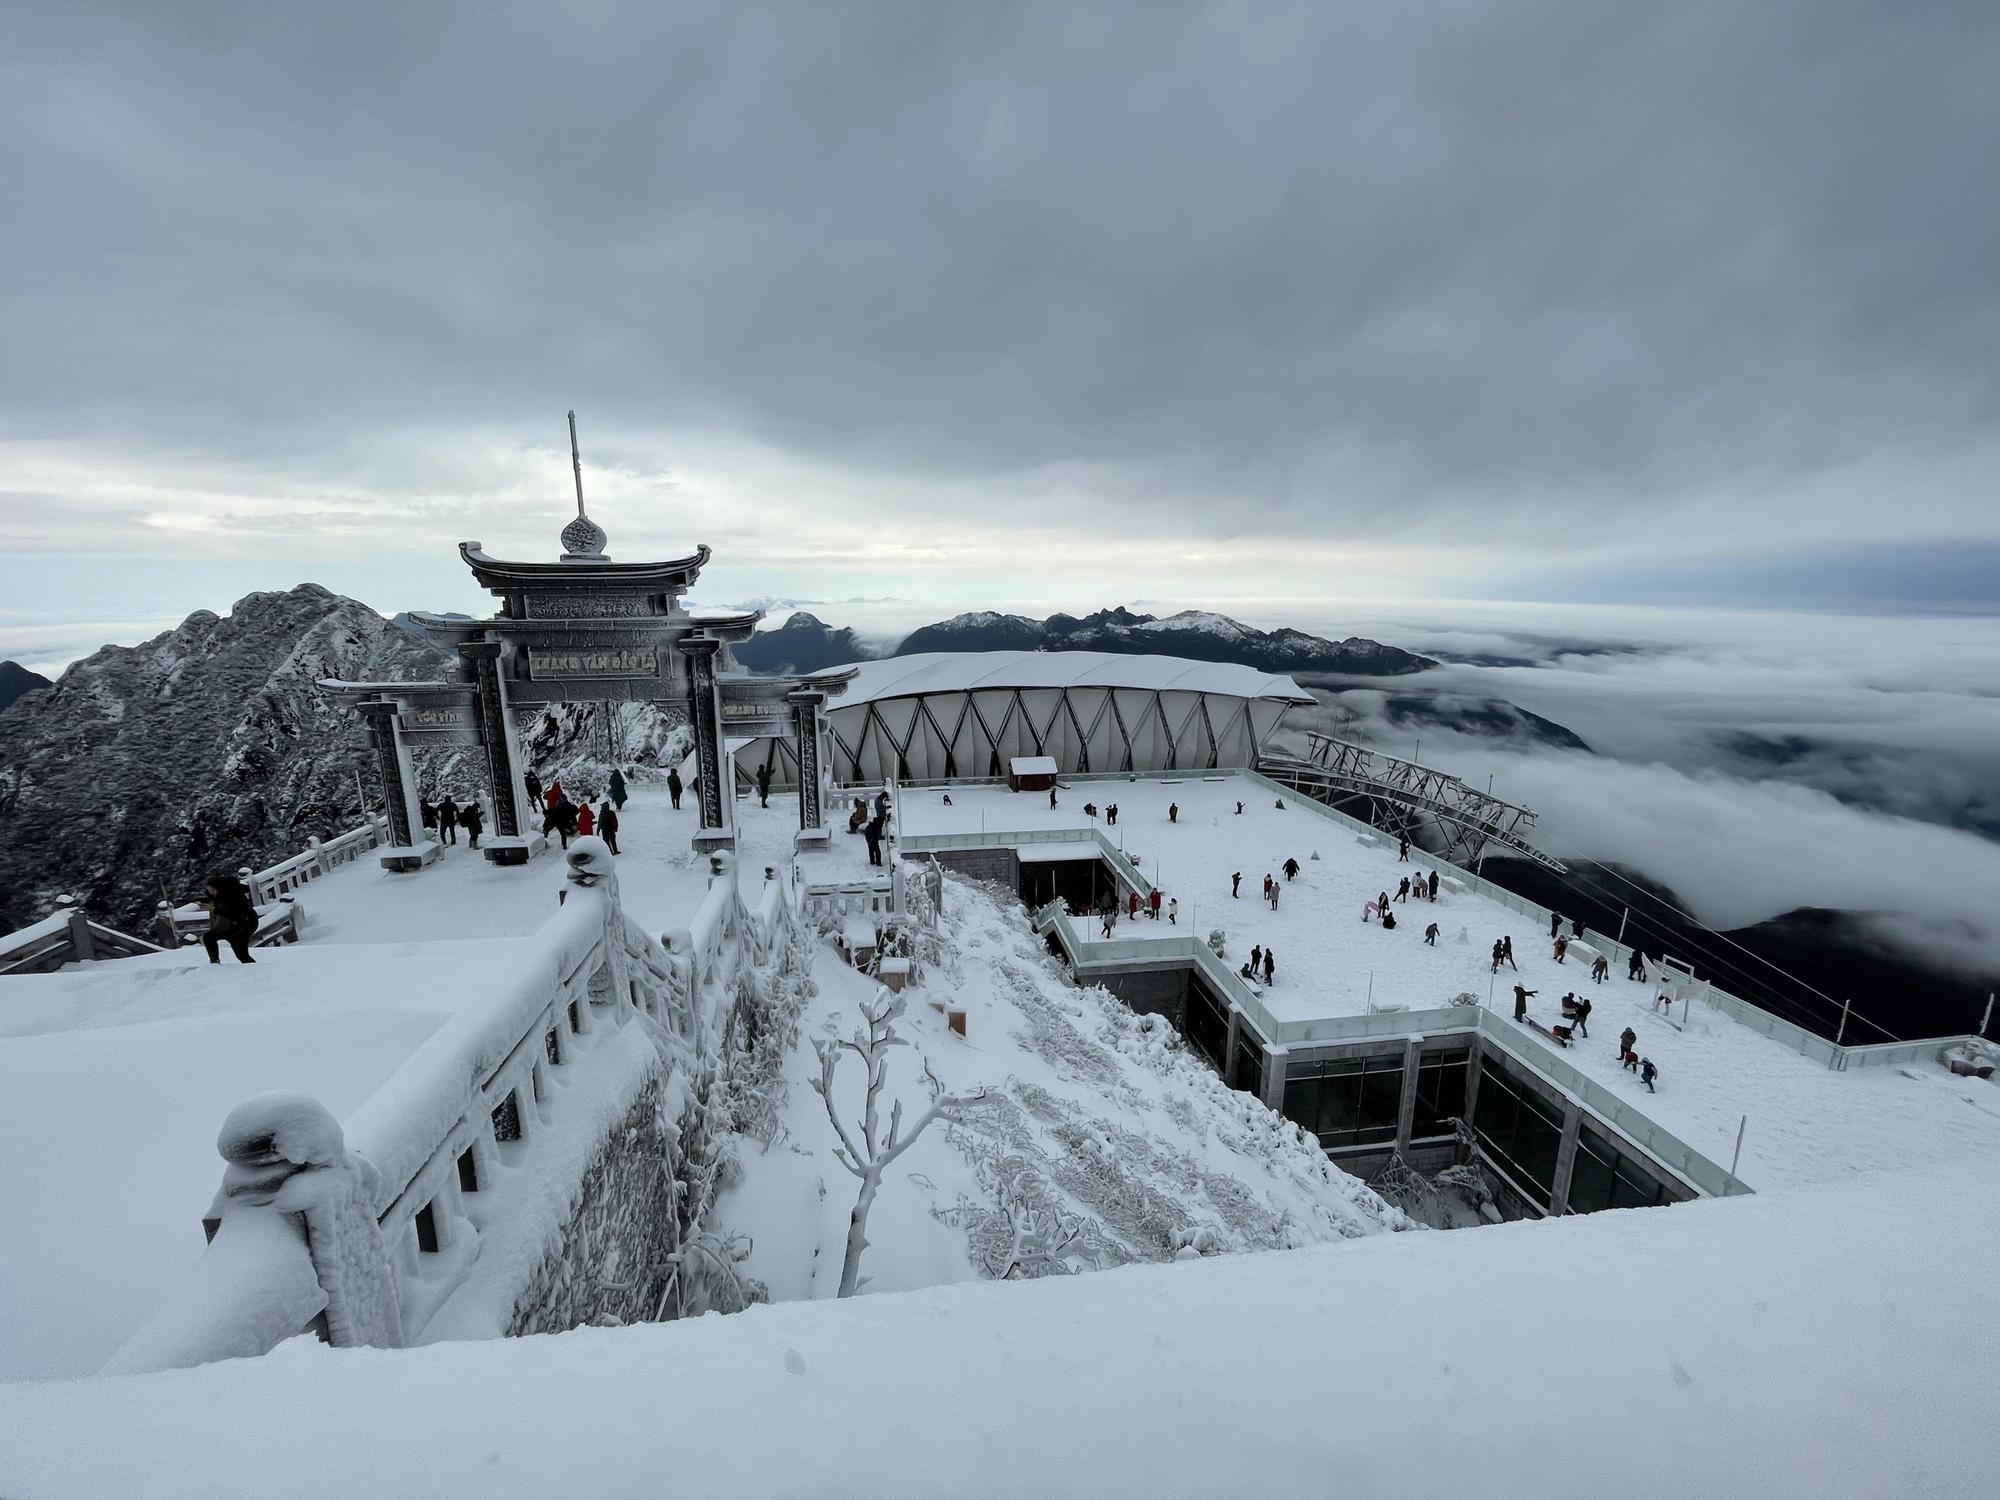 Sapa: Tuyết phủ dày 60cm trắng trên đỉnh Fansipan - Ảnh 1.